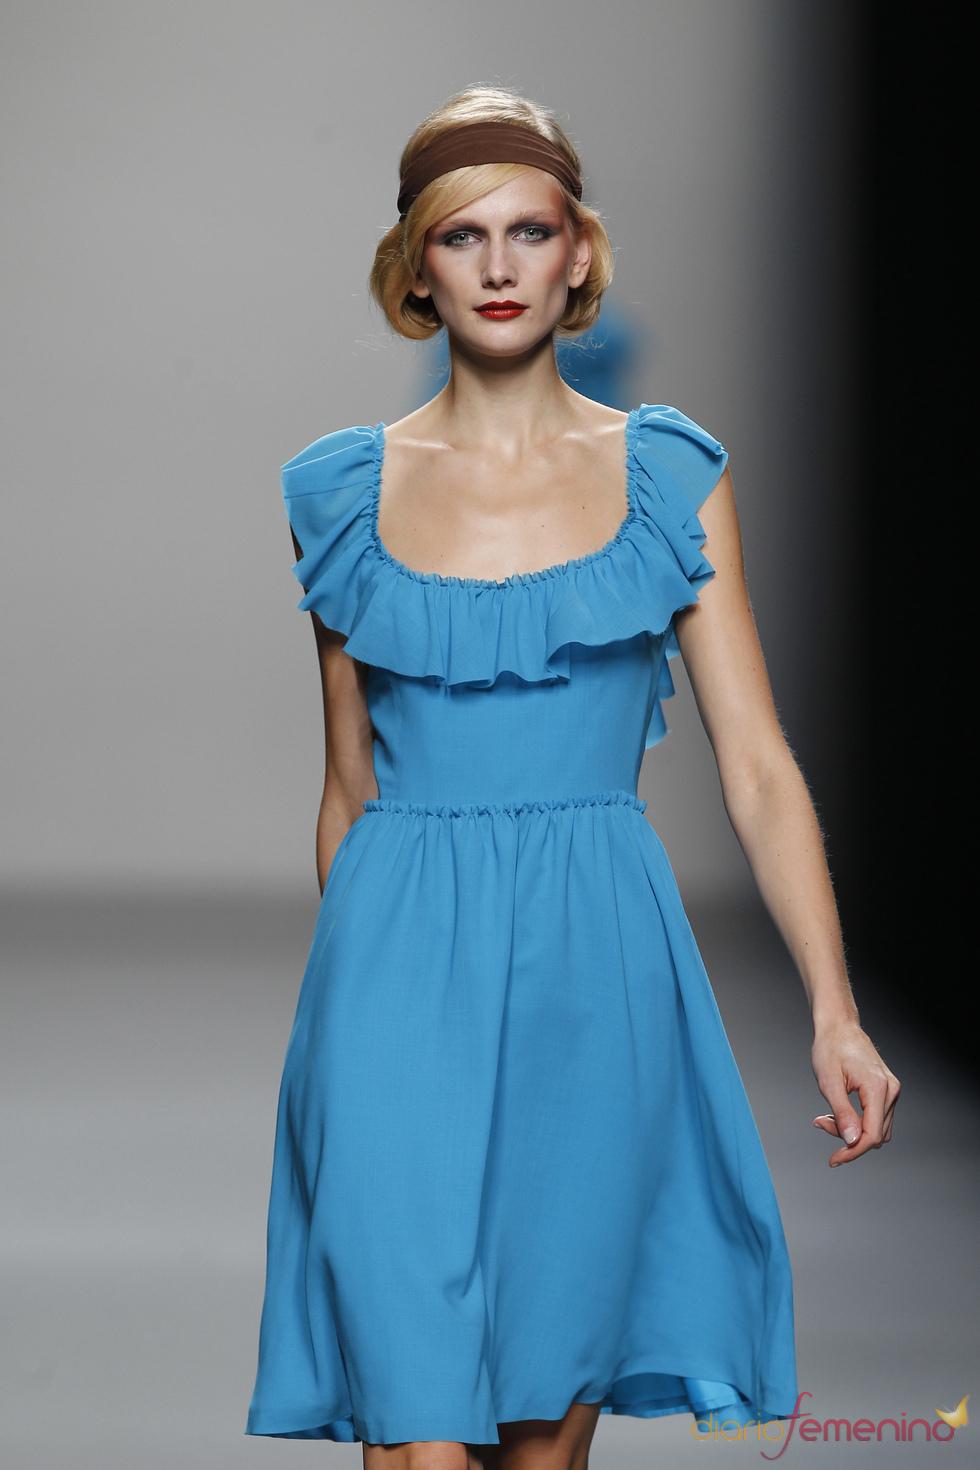 Vestido azul y juvenil de Lemoniez